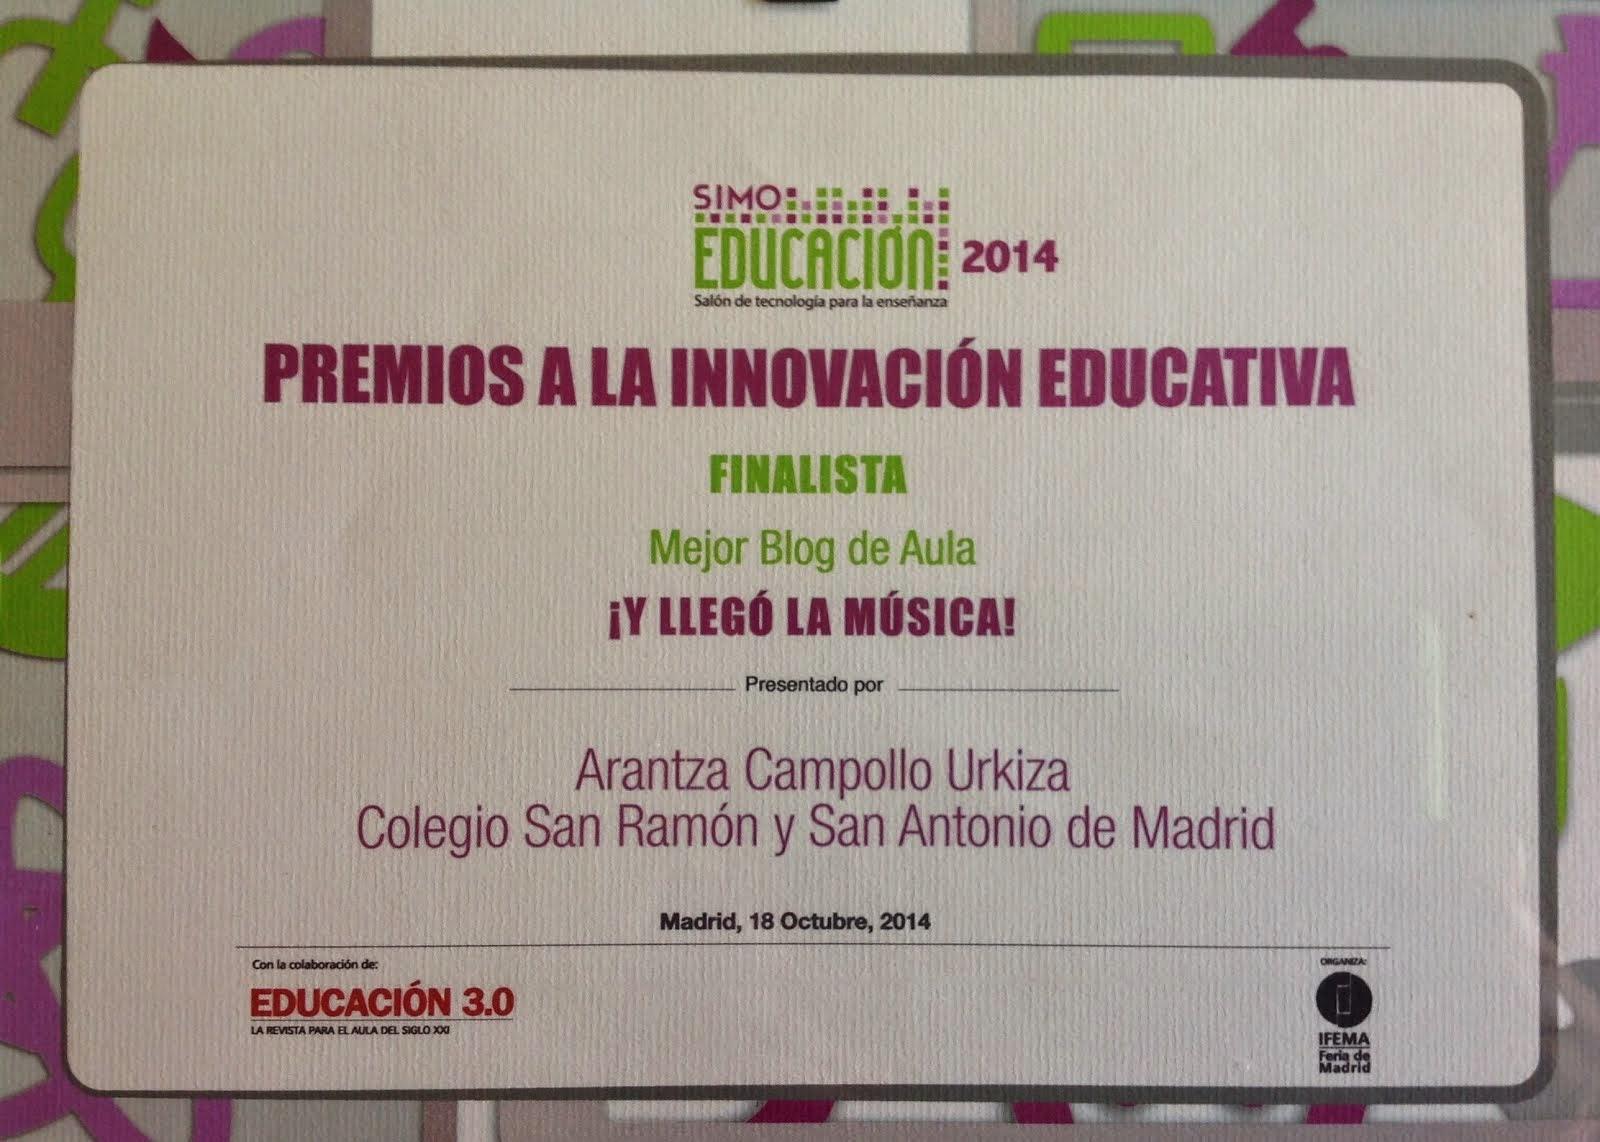 II Edición Premios Innovación Educativa SIMO 2014